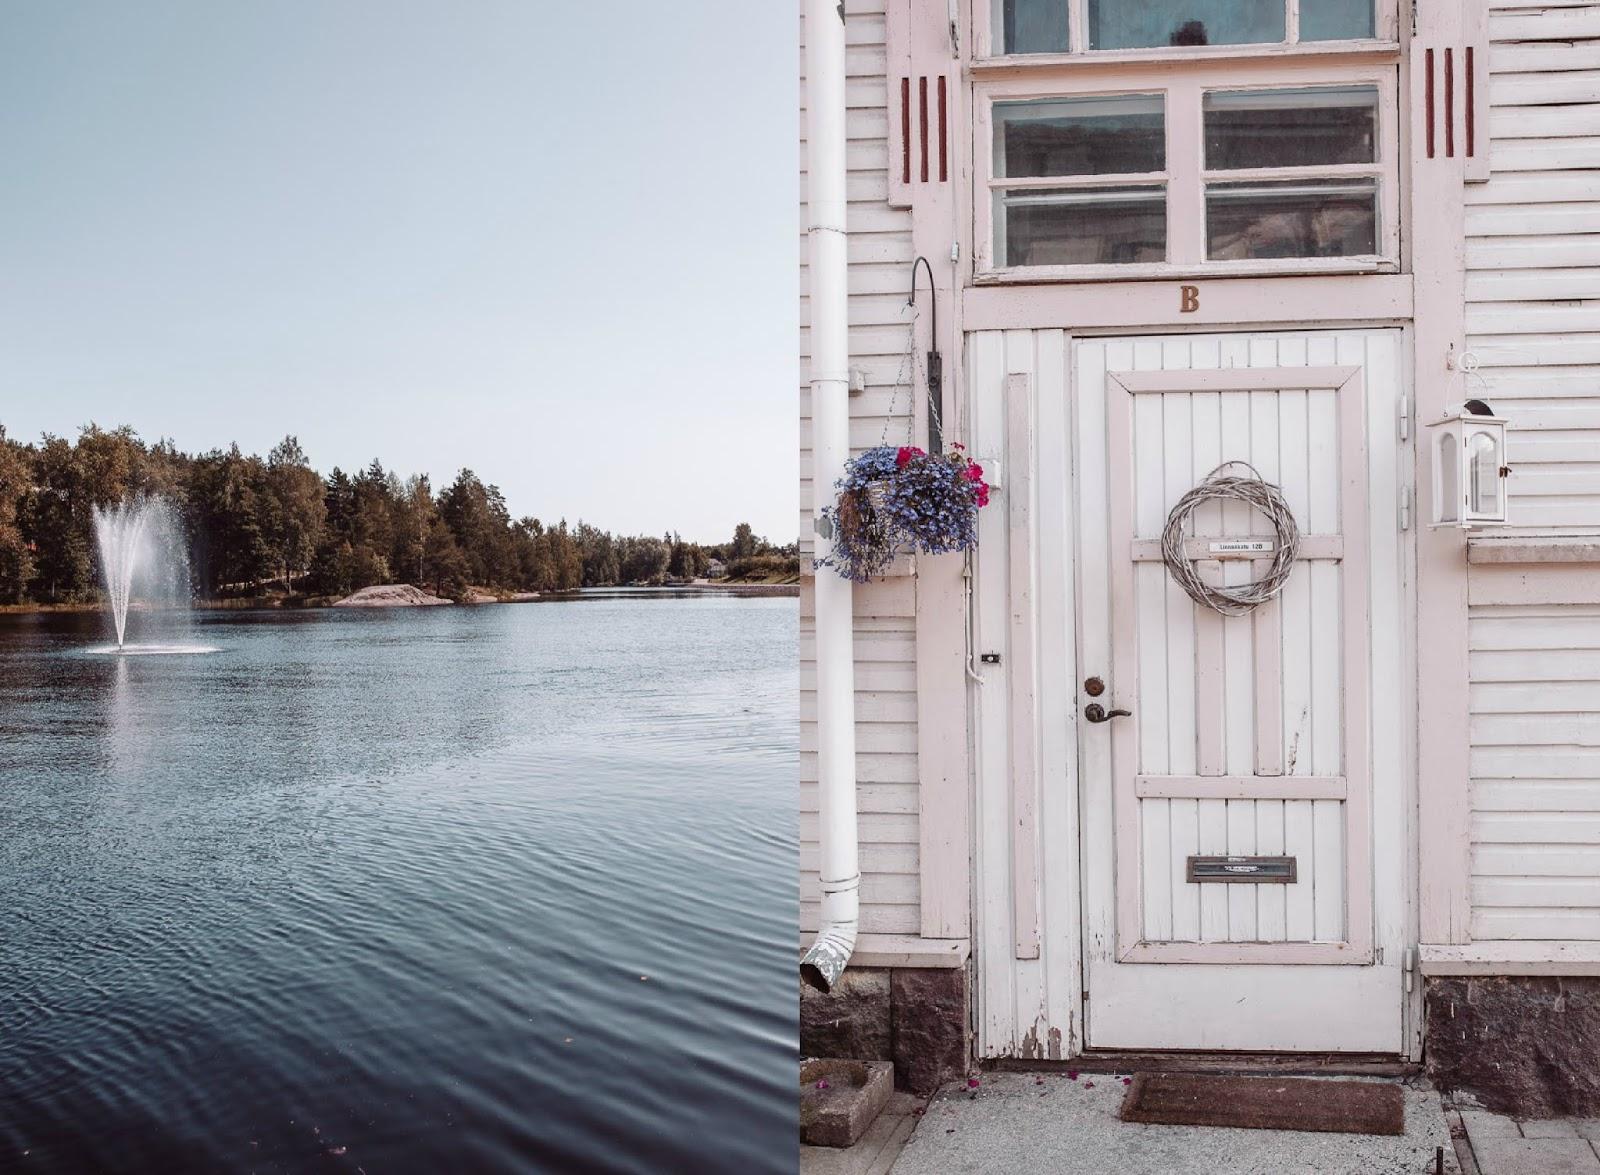 Summer in Savonlinna